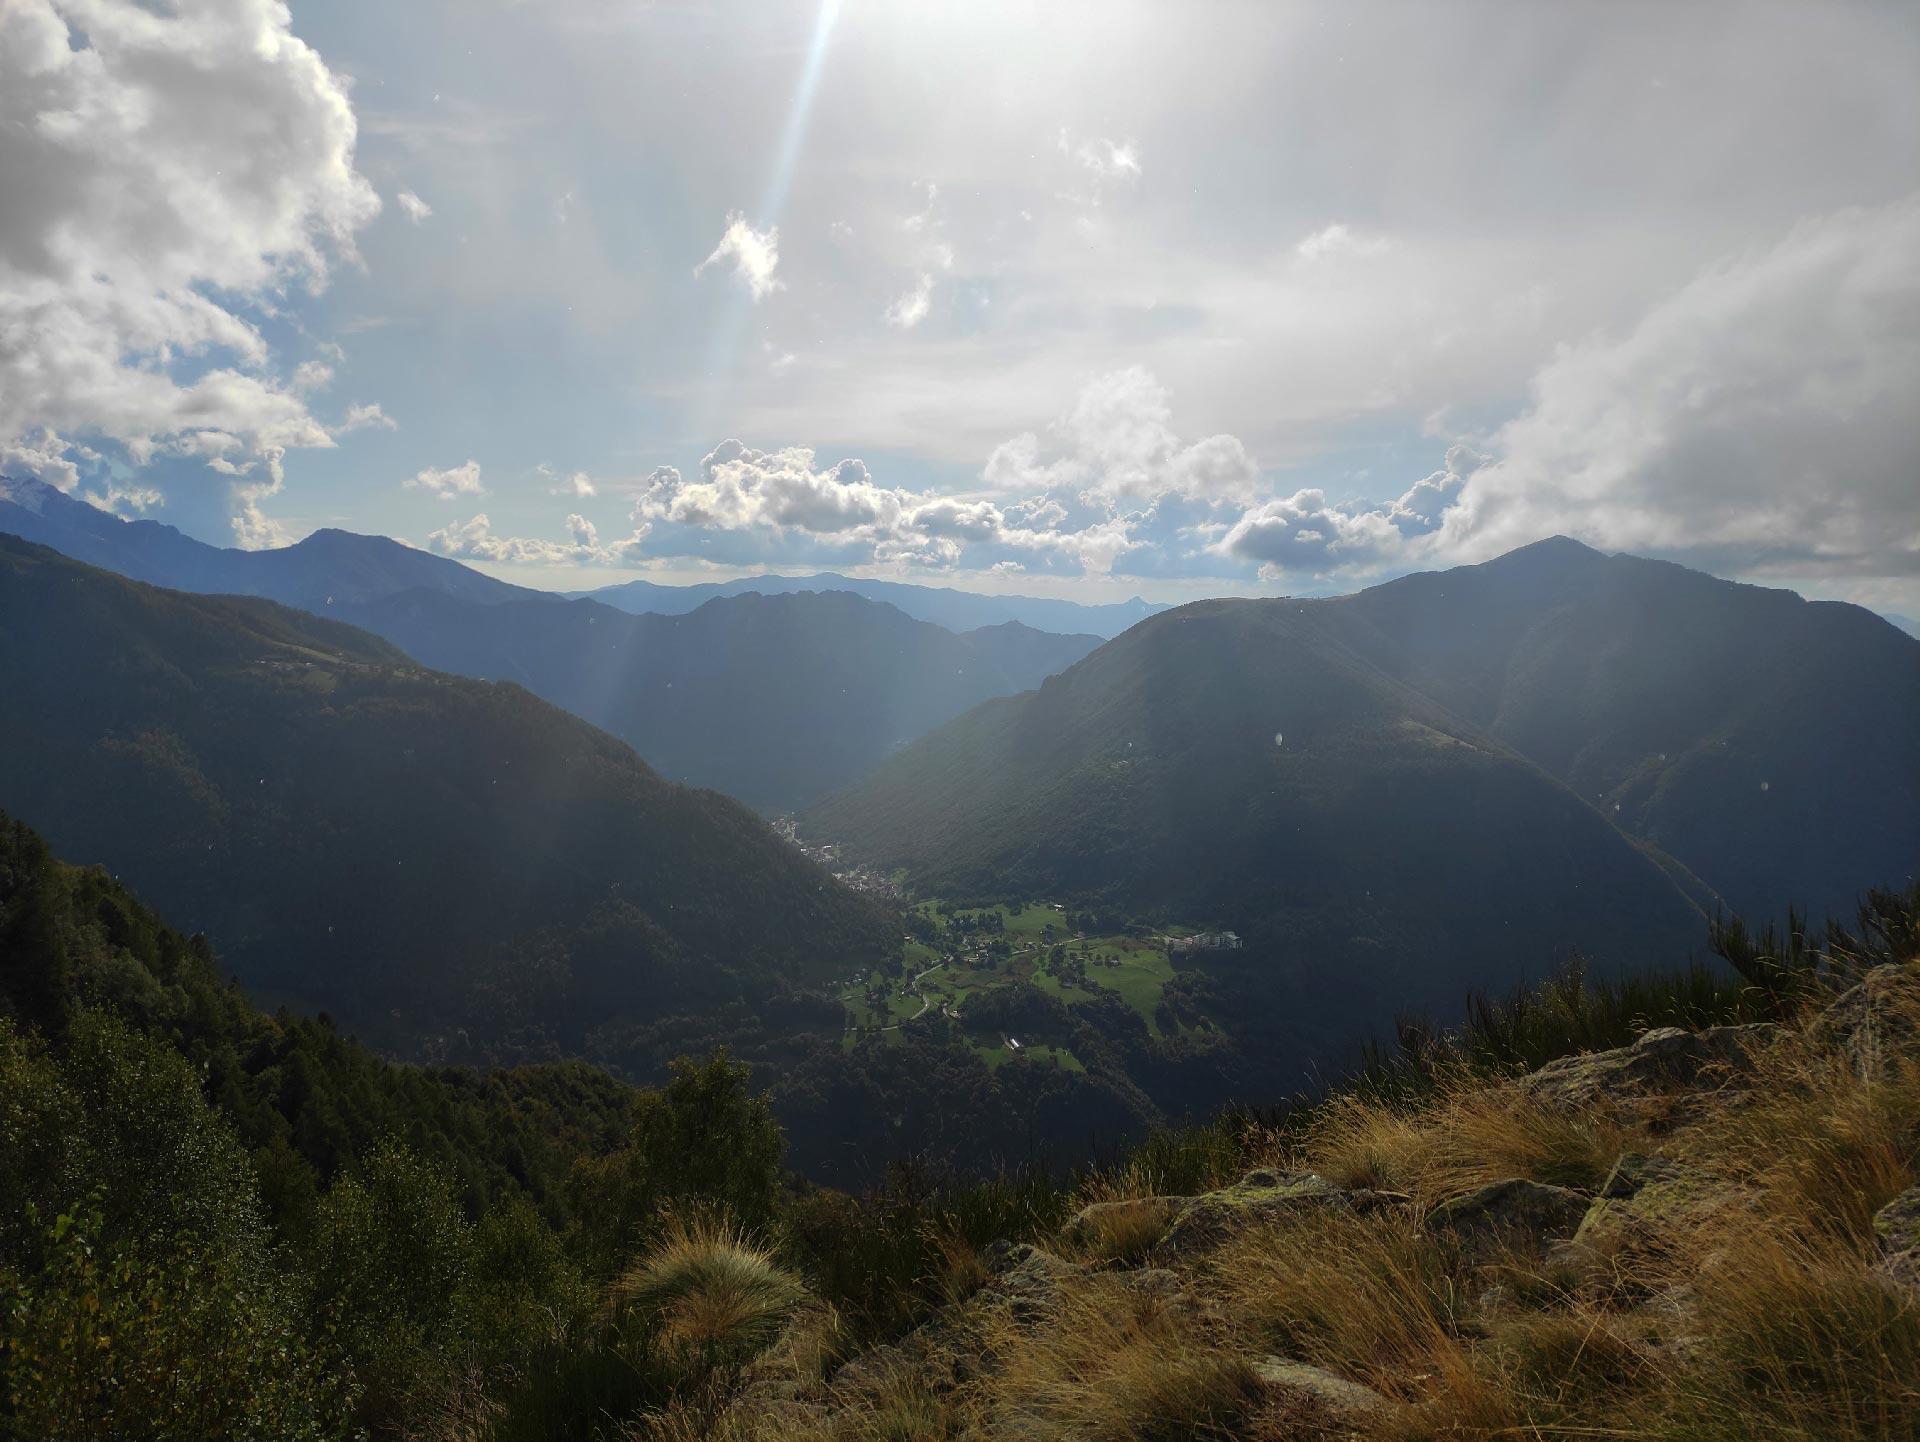 veduta delle montagne valsassinesi, Valsassina, Lombardia